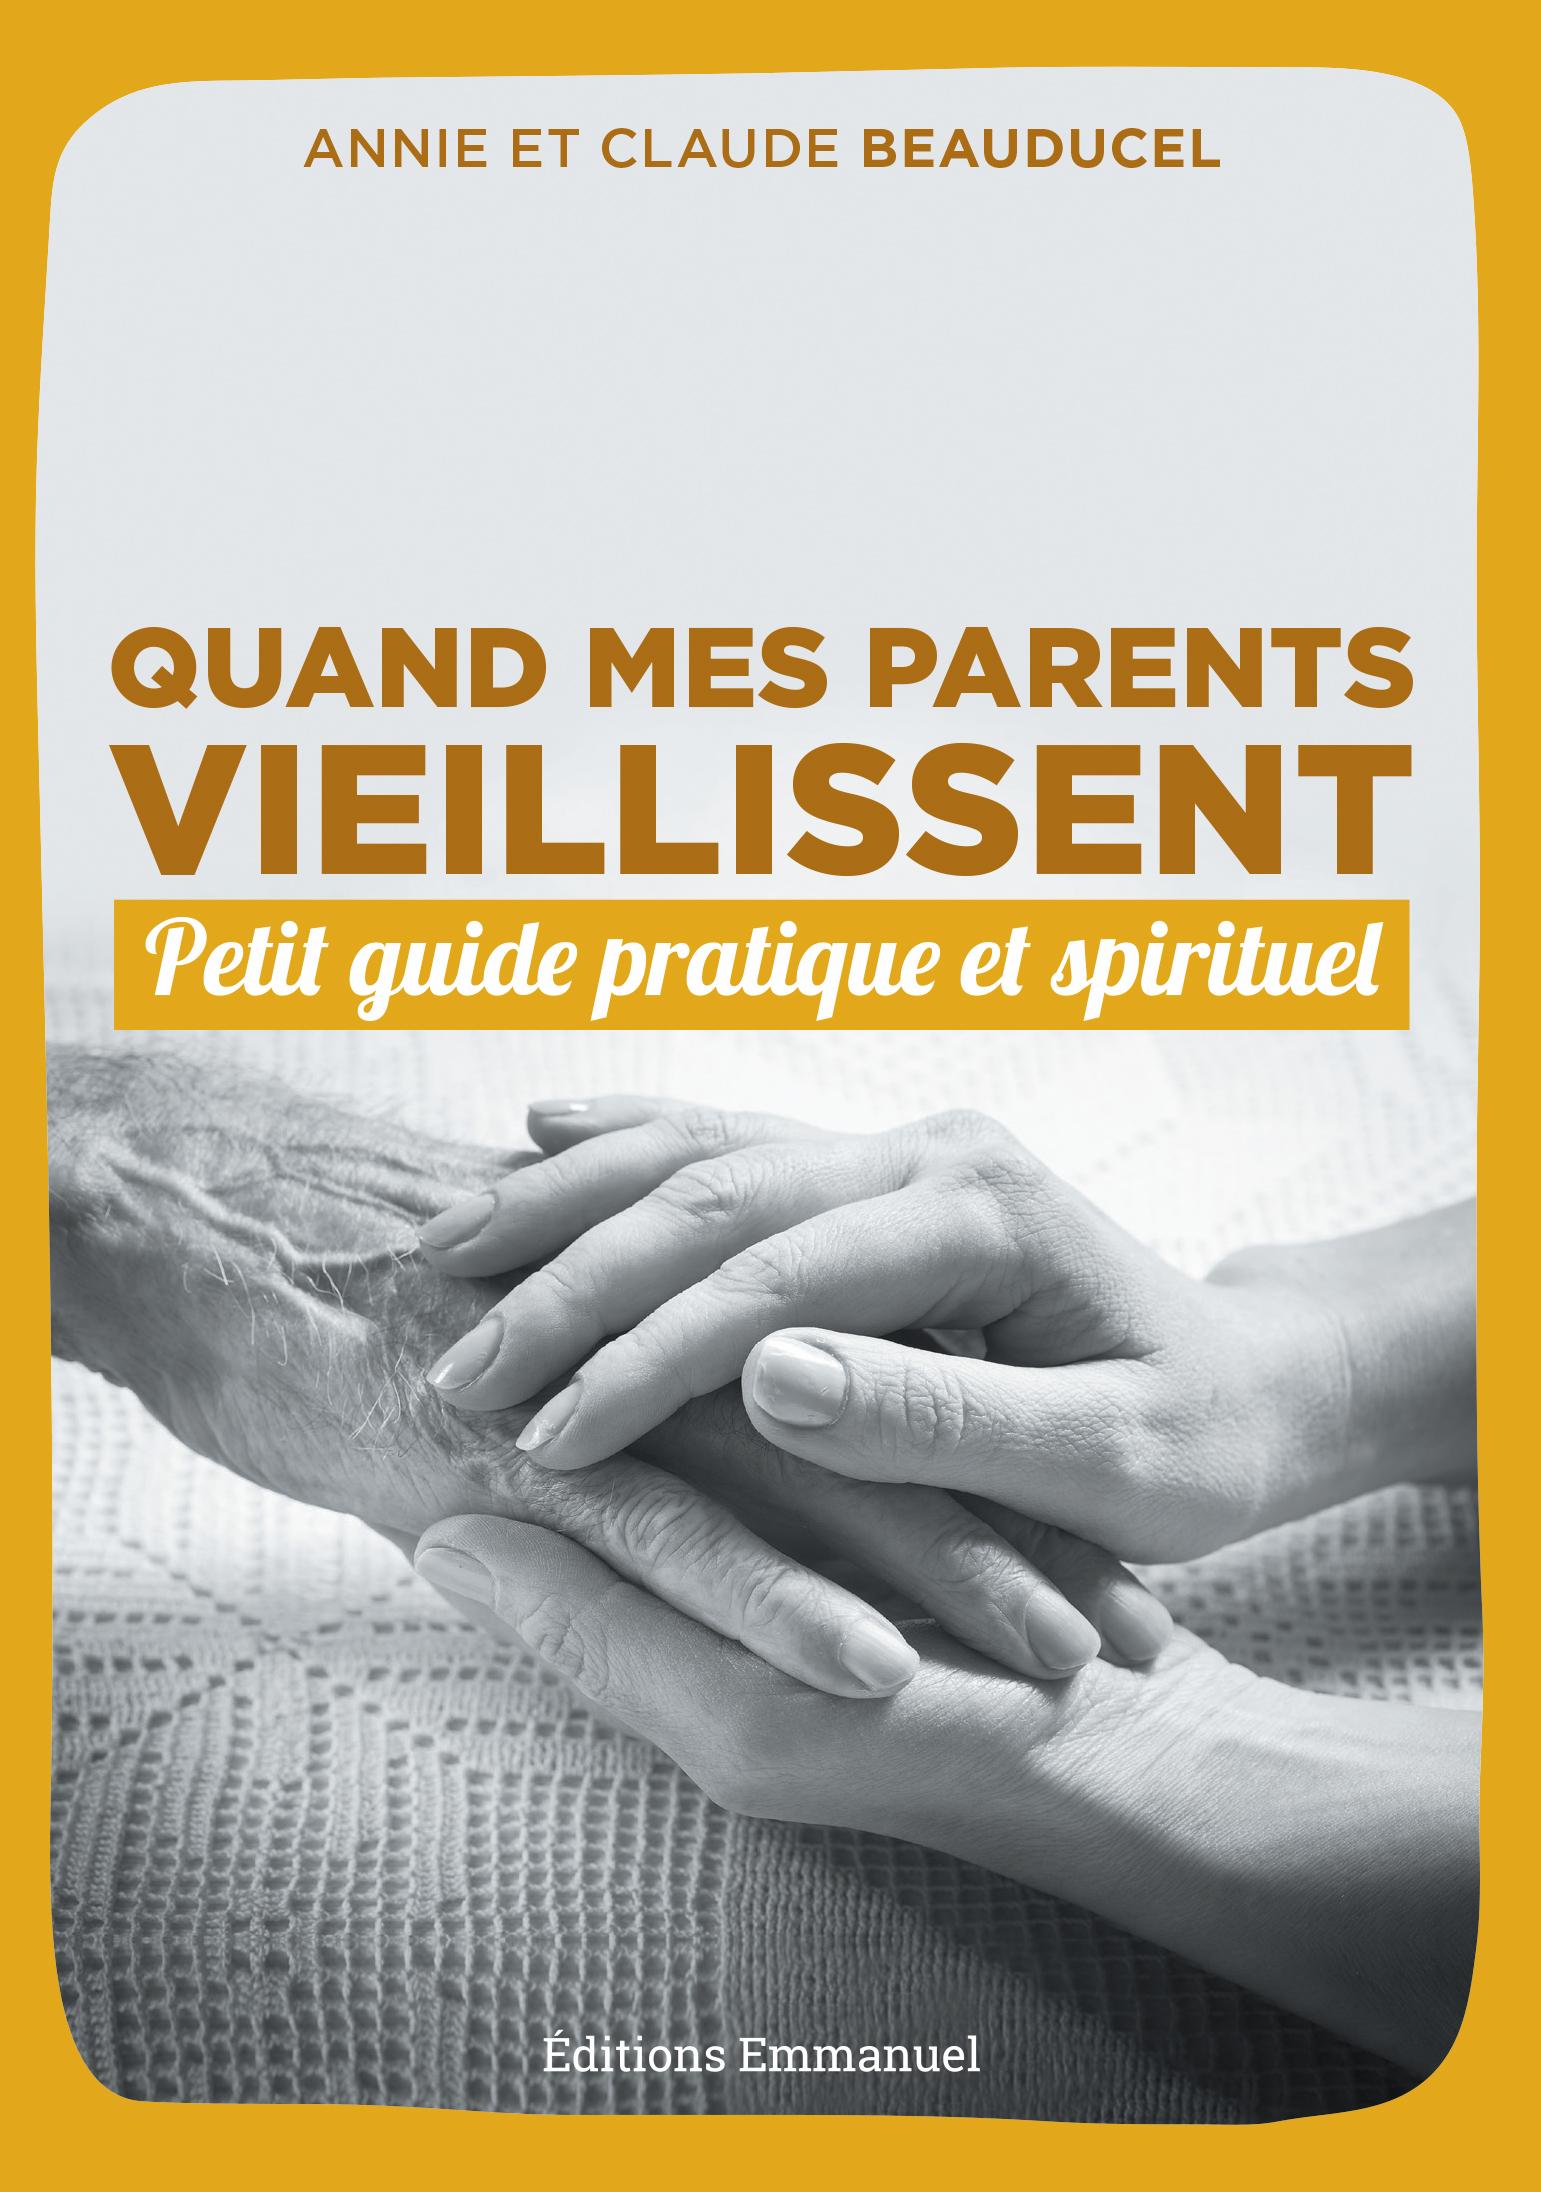 LIVRE QUAND MES PARENTS VIEILLISSENT